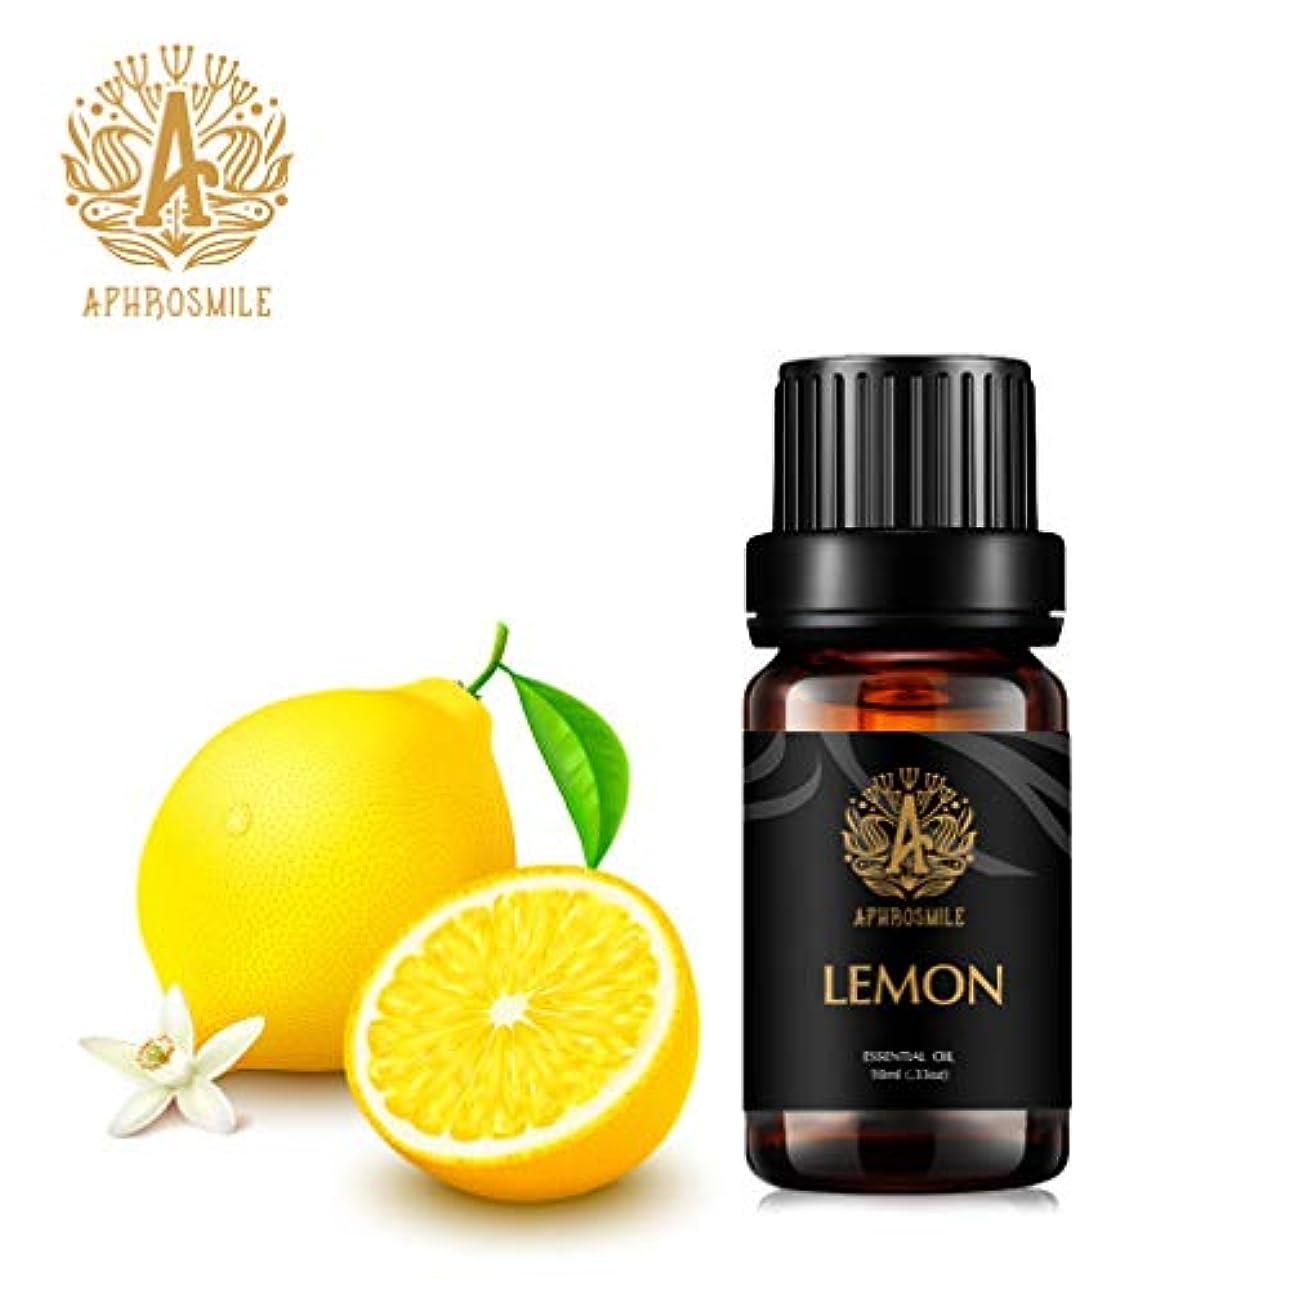 ミットチャットほめるレモン精油、100%純粋なアロマセラピーエッセンシャルオイルレモンの香り、クレンジングとし、空気を浄化します、治療用グレードエッセンシャルオイルレモンの香り為にディフューザー、マッサージ、加湿器、デイリーケア、0.33オンス...